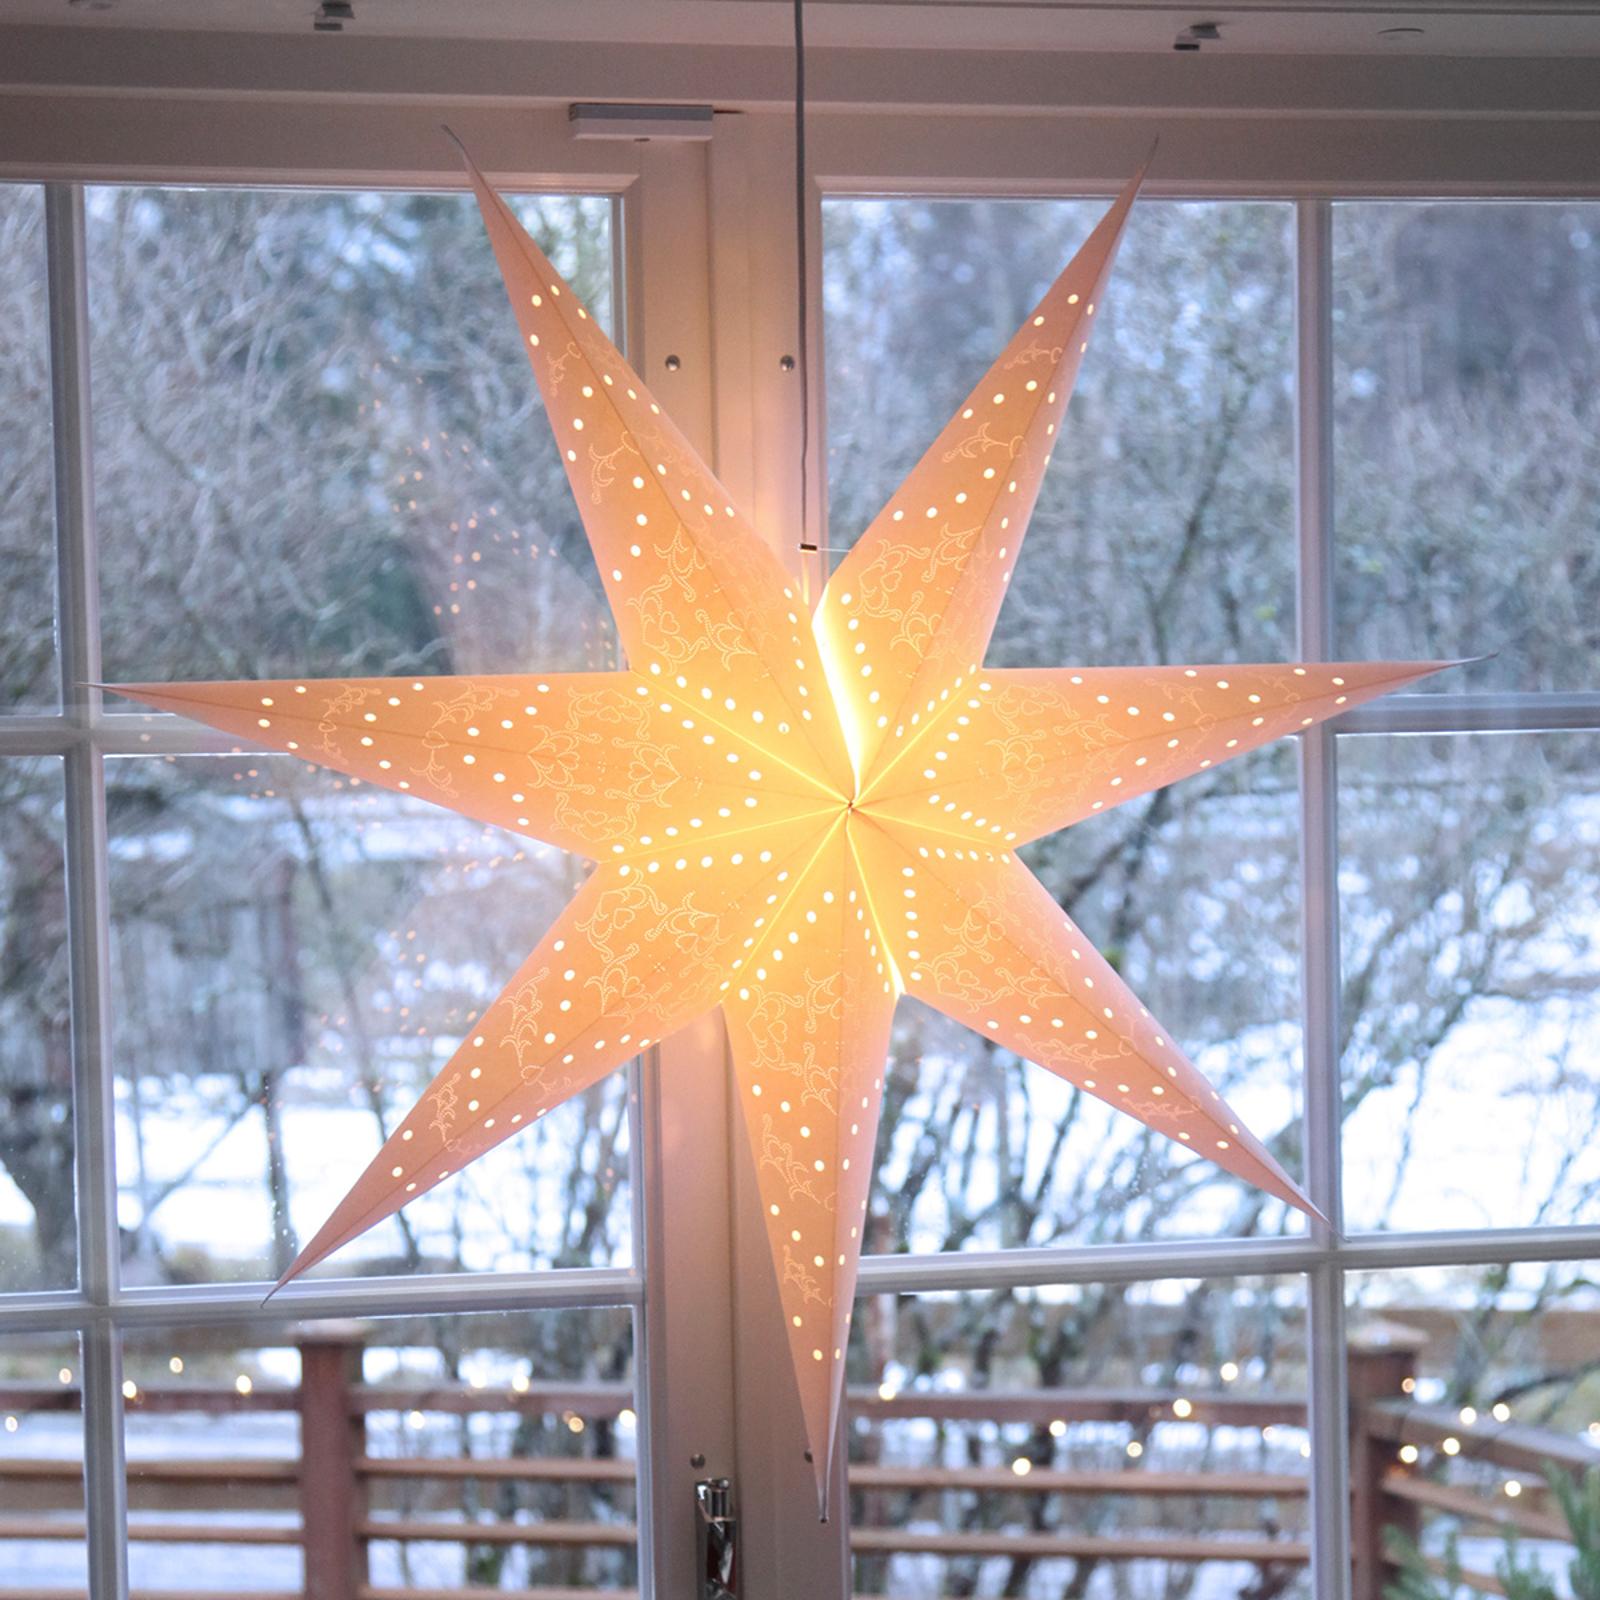 Siedmioramienna gwiazda świetlna SENSY STAR